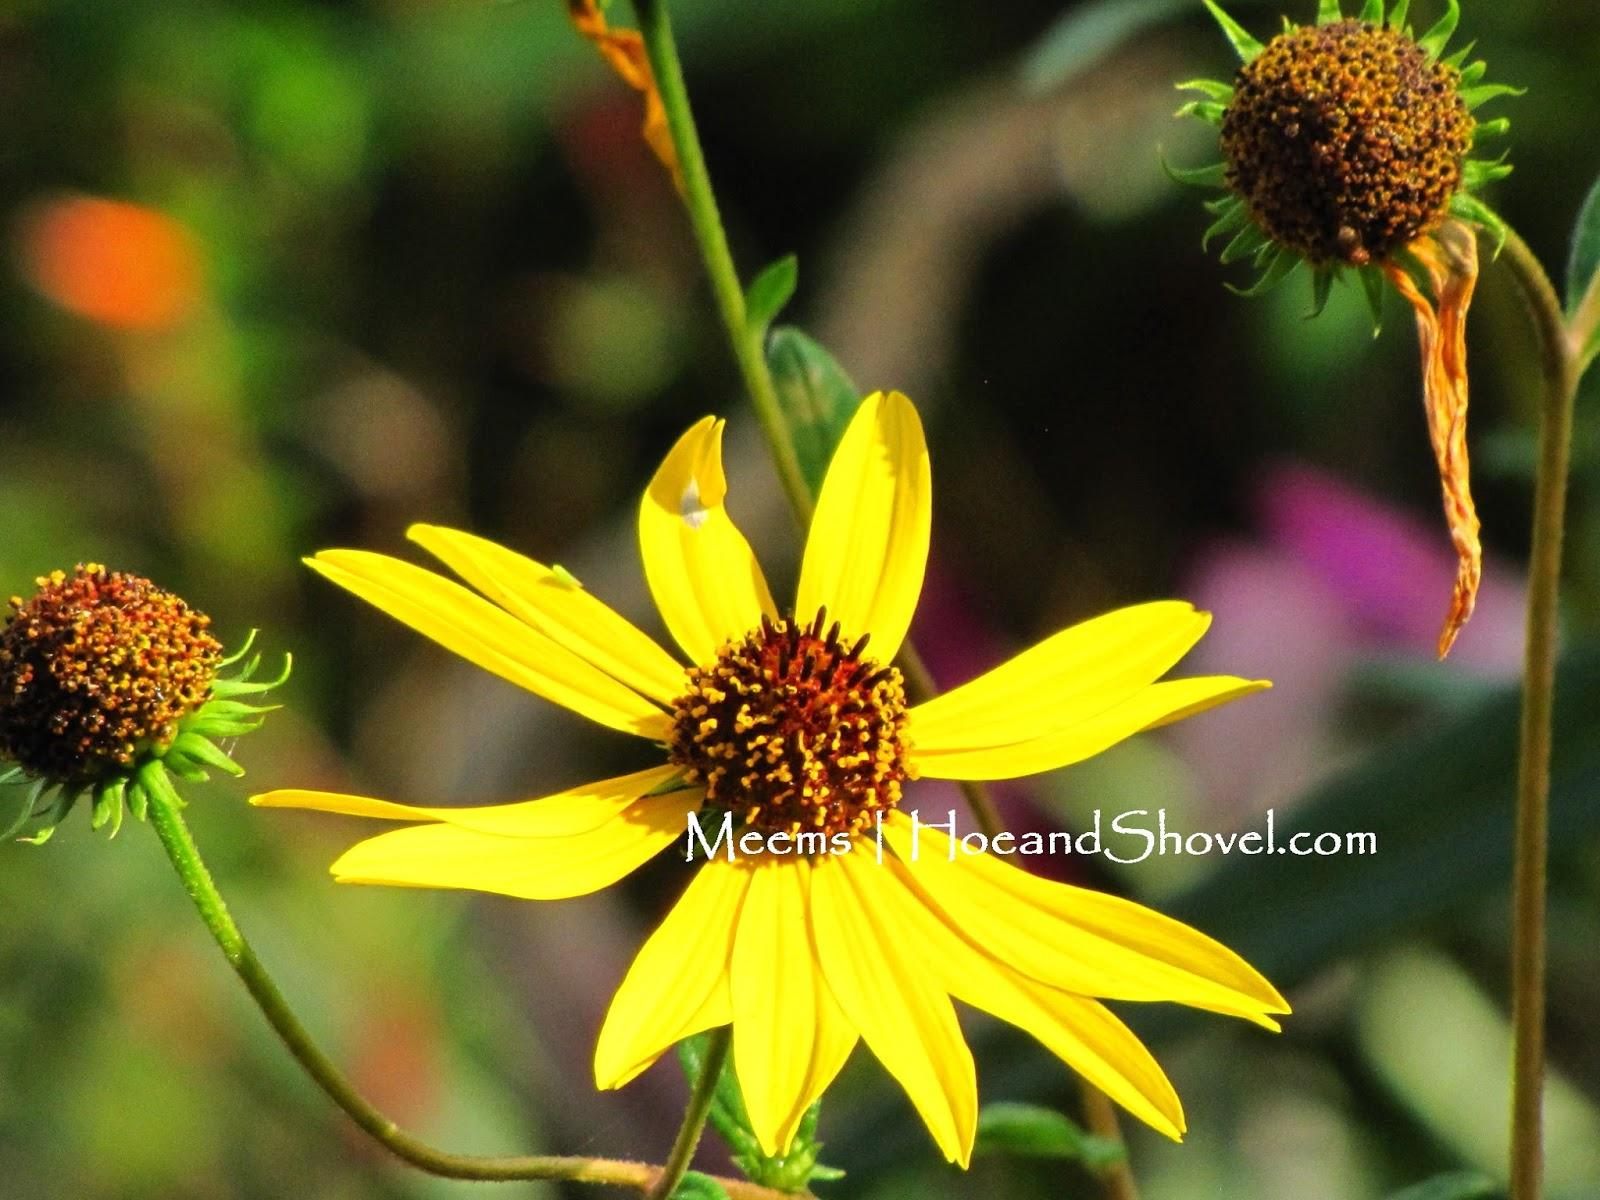 Hoe And Shovel Swamp Sunflower